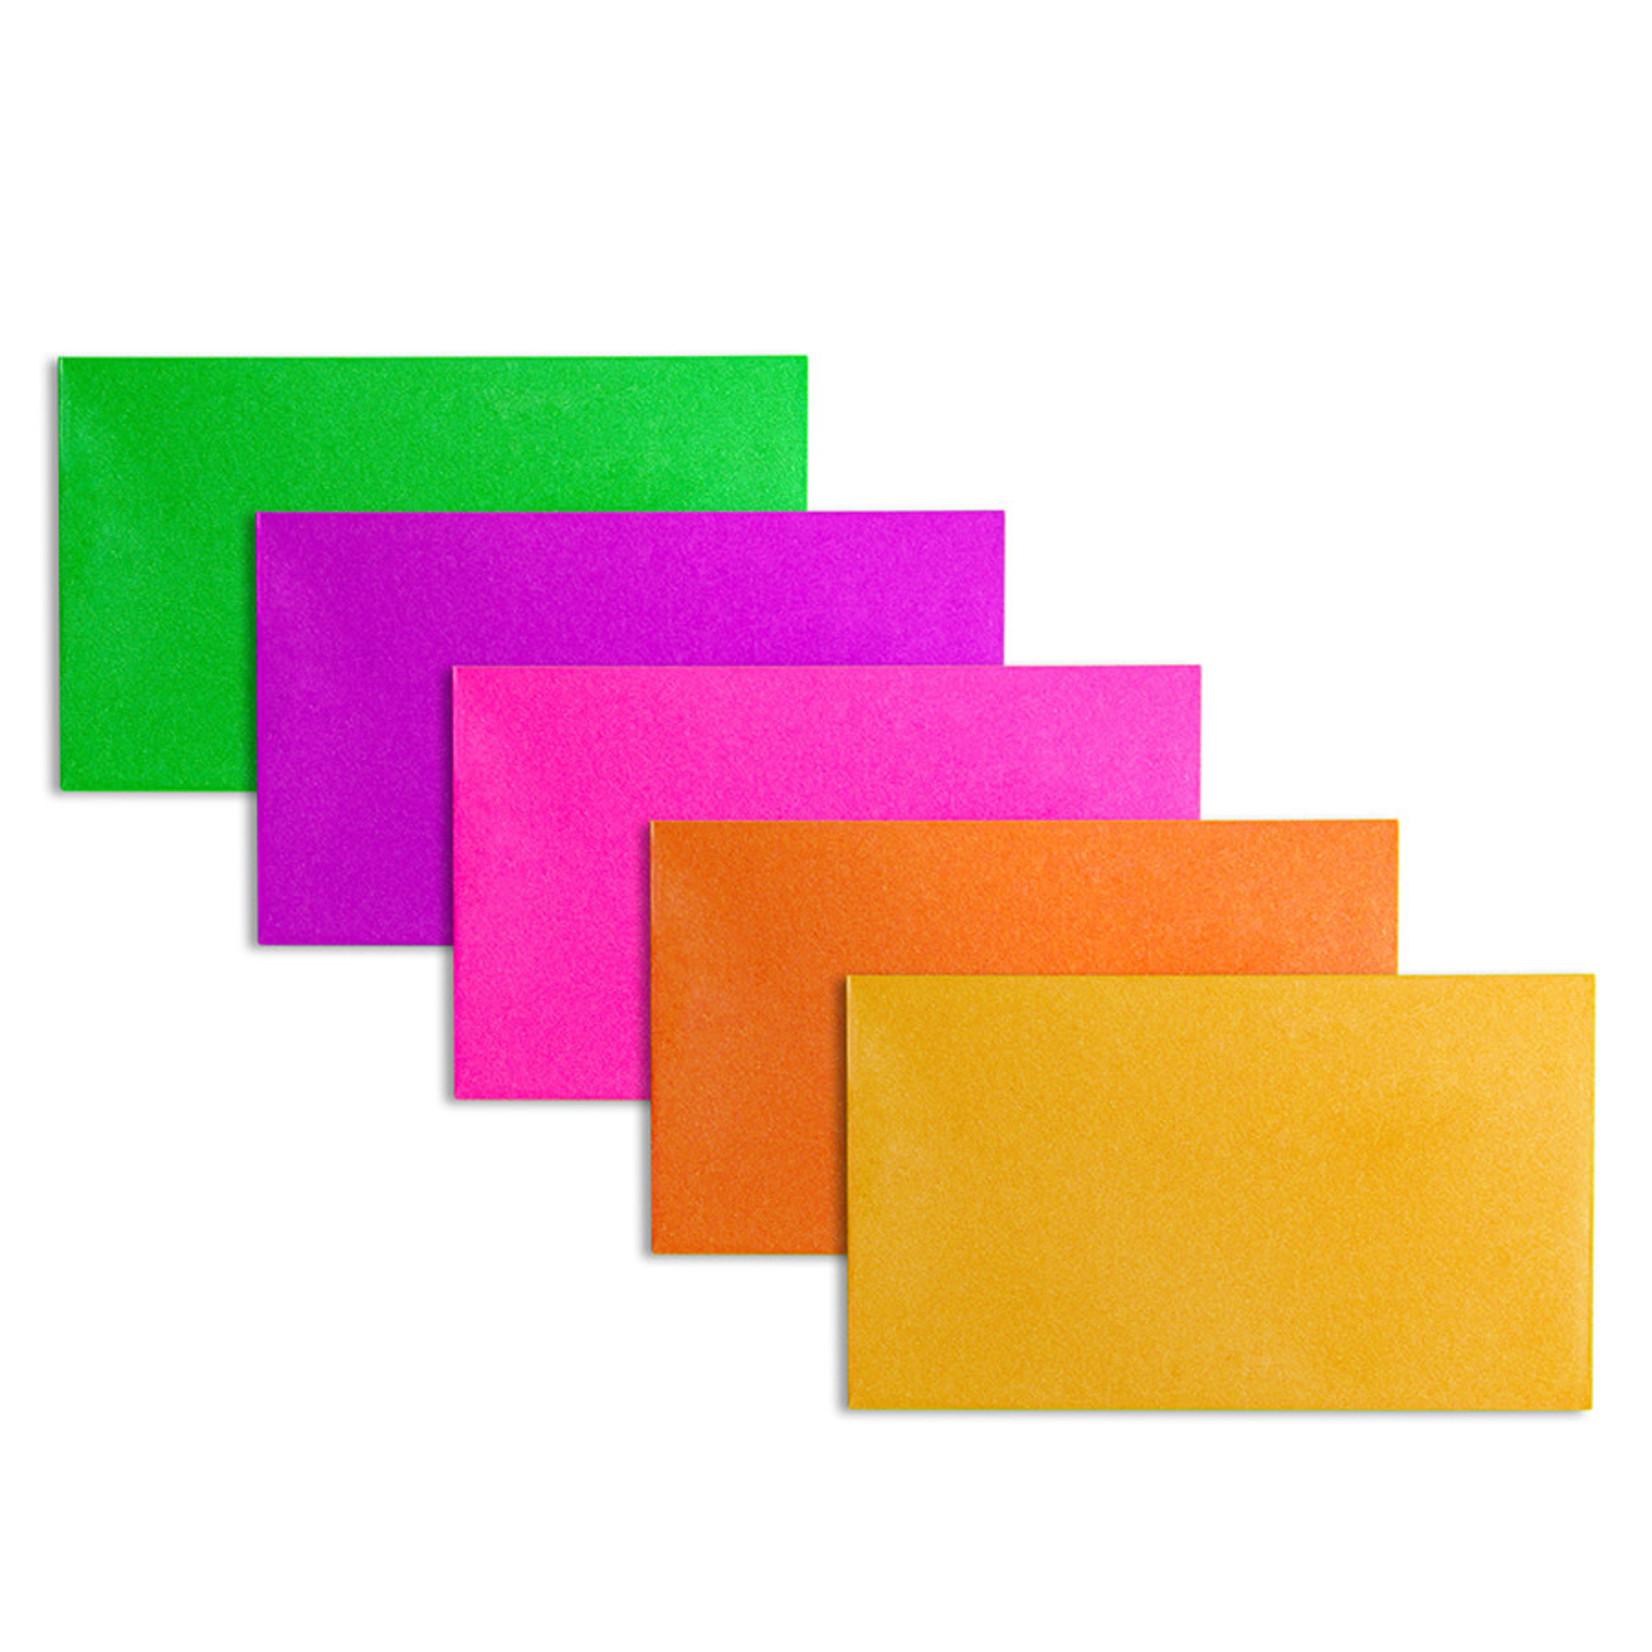 4.25 x 2.5 Colored box